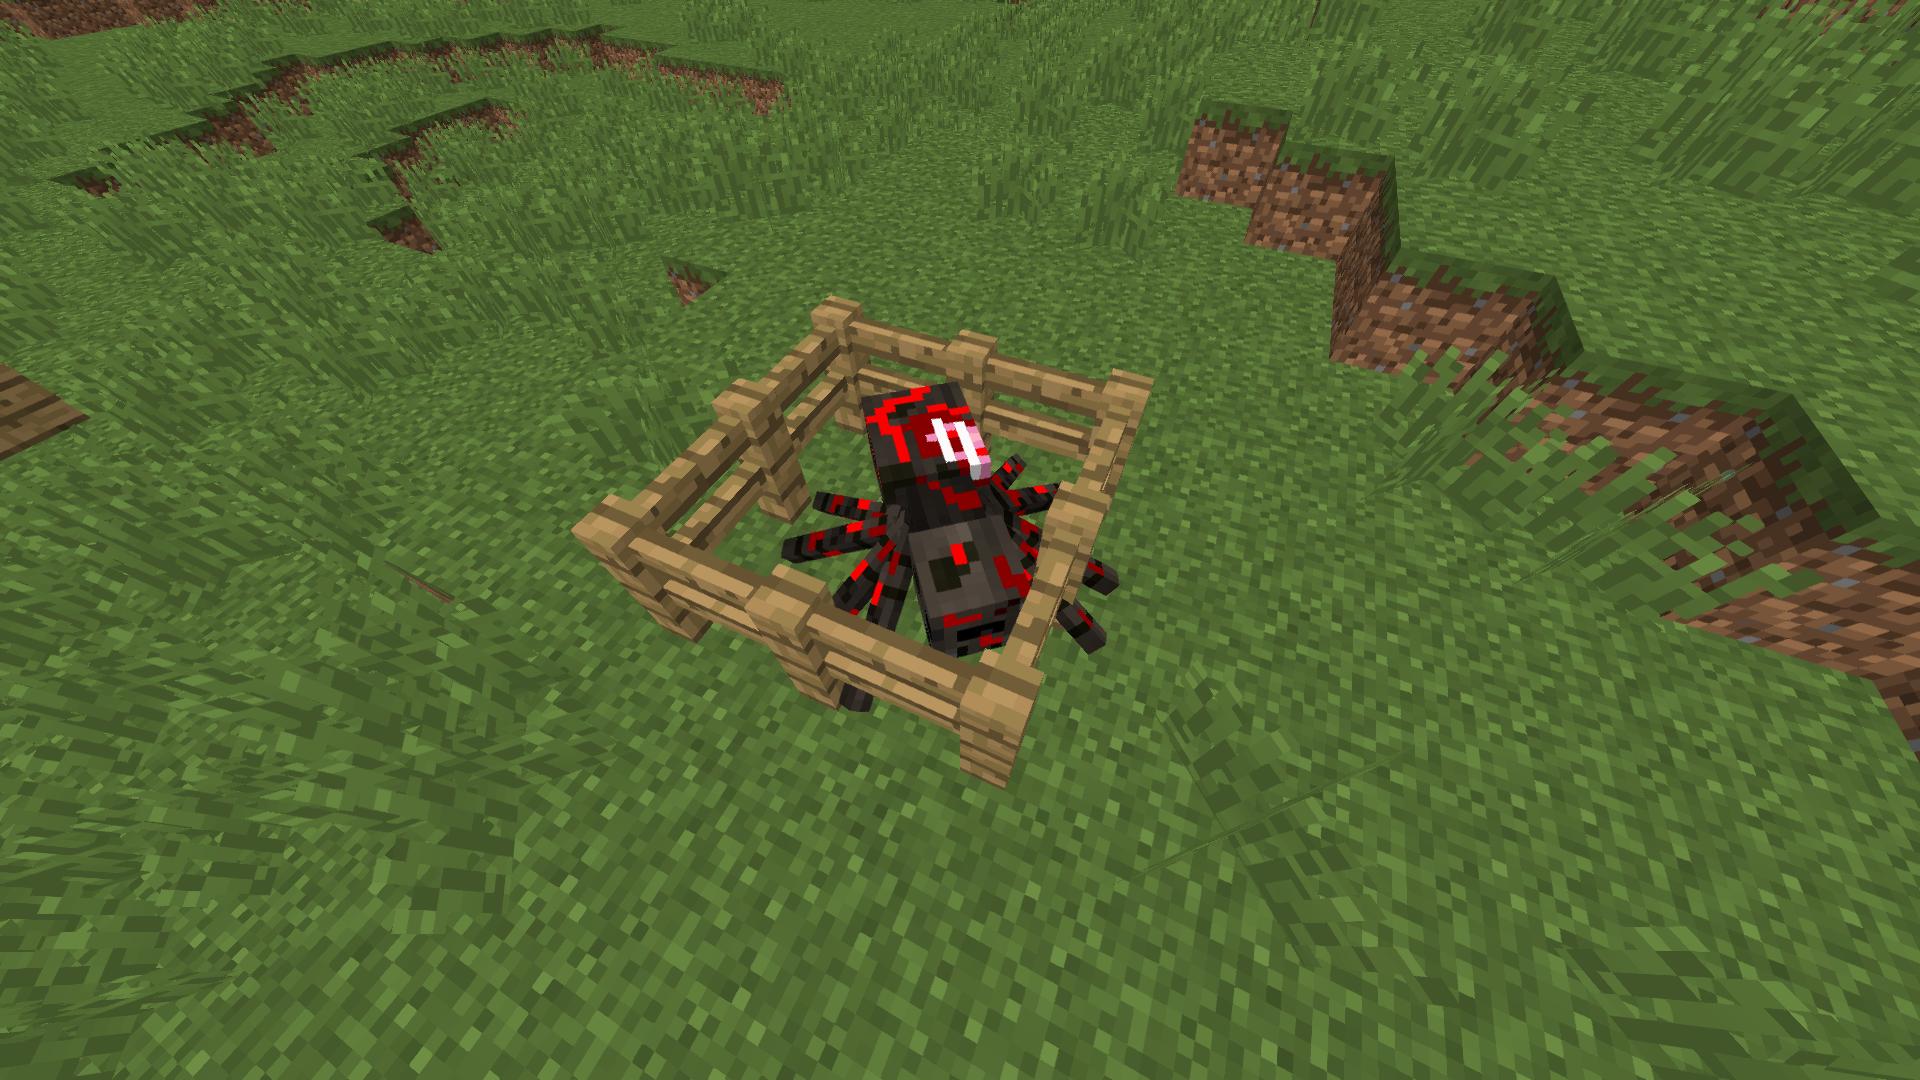 Zombie Spider